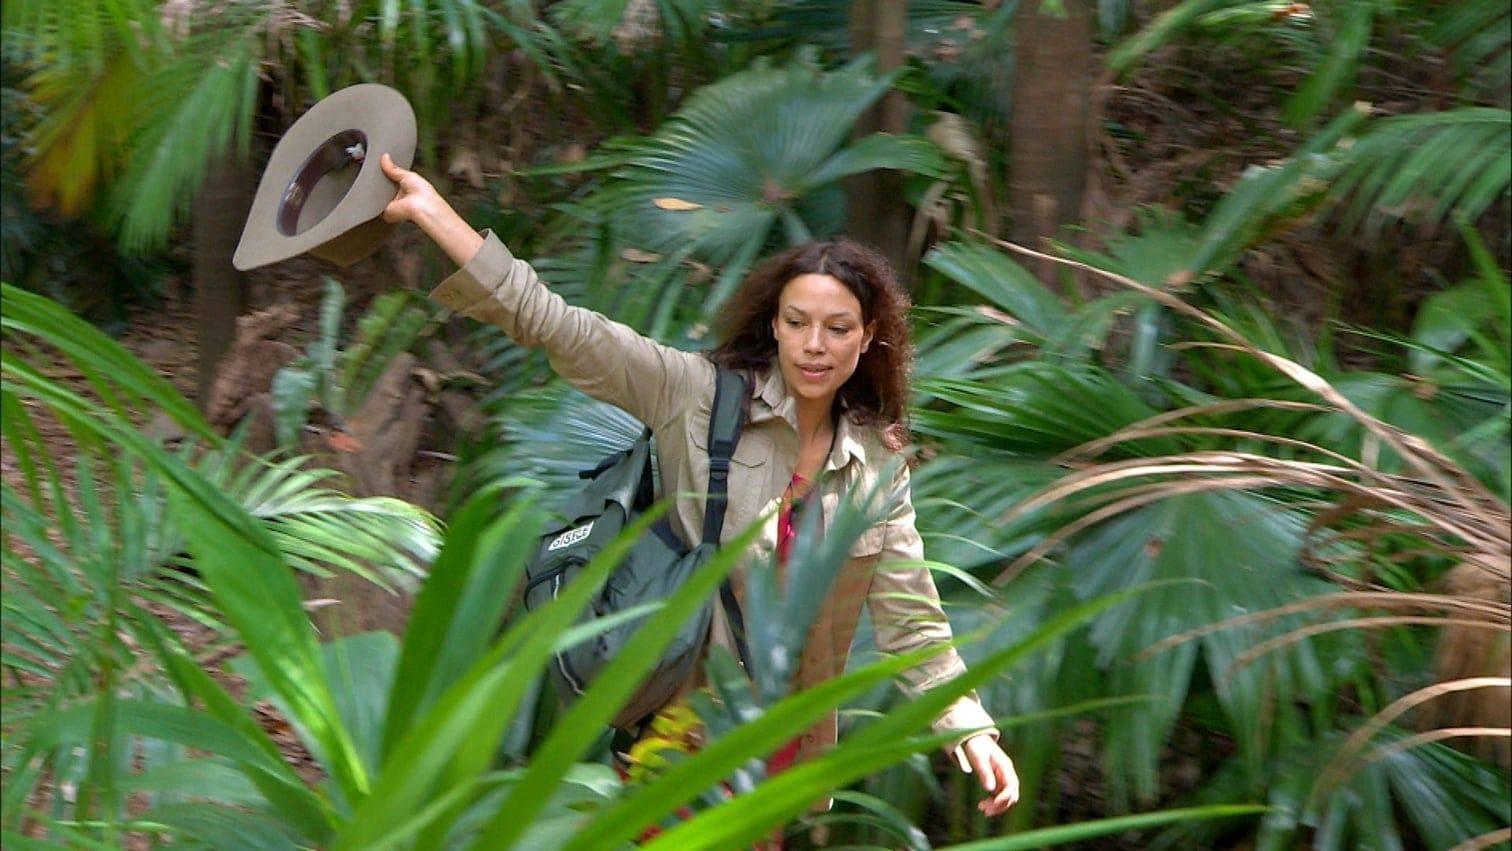 <p>Nach zwölf Tagen und zehn Dschungelprüfungen ist für Model Gisele das Abenteurer Dschungelcamp vorbei.</p> Foto: TV Now / Stefan Menne